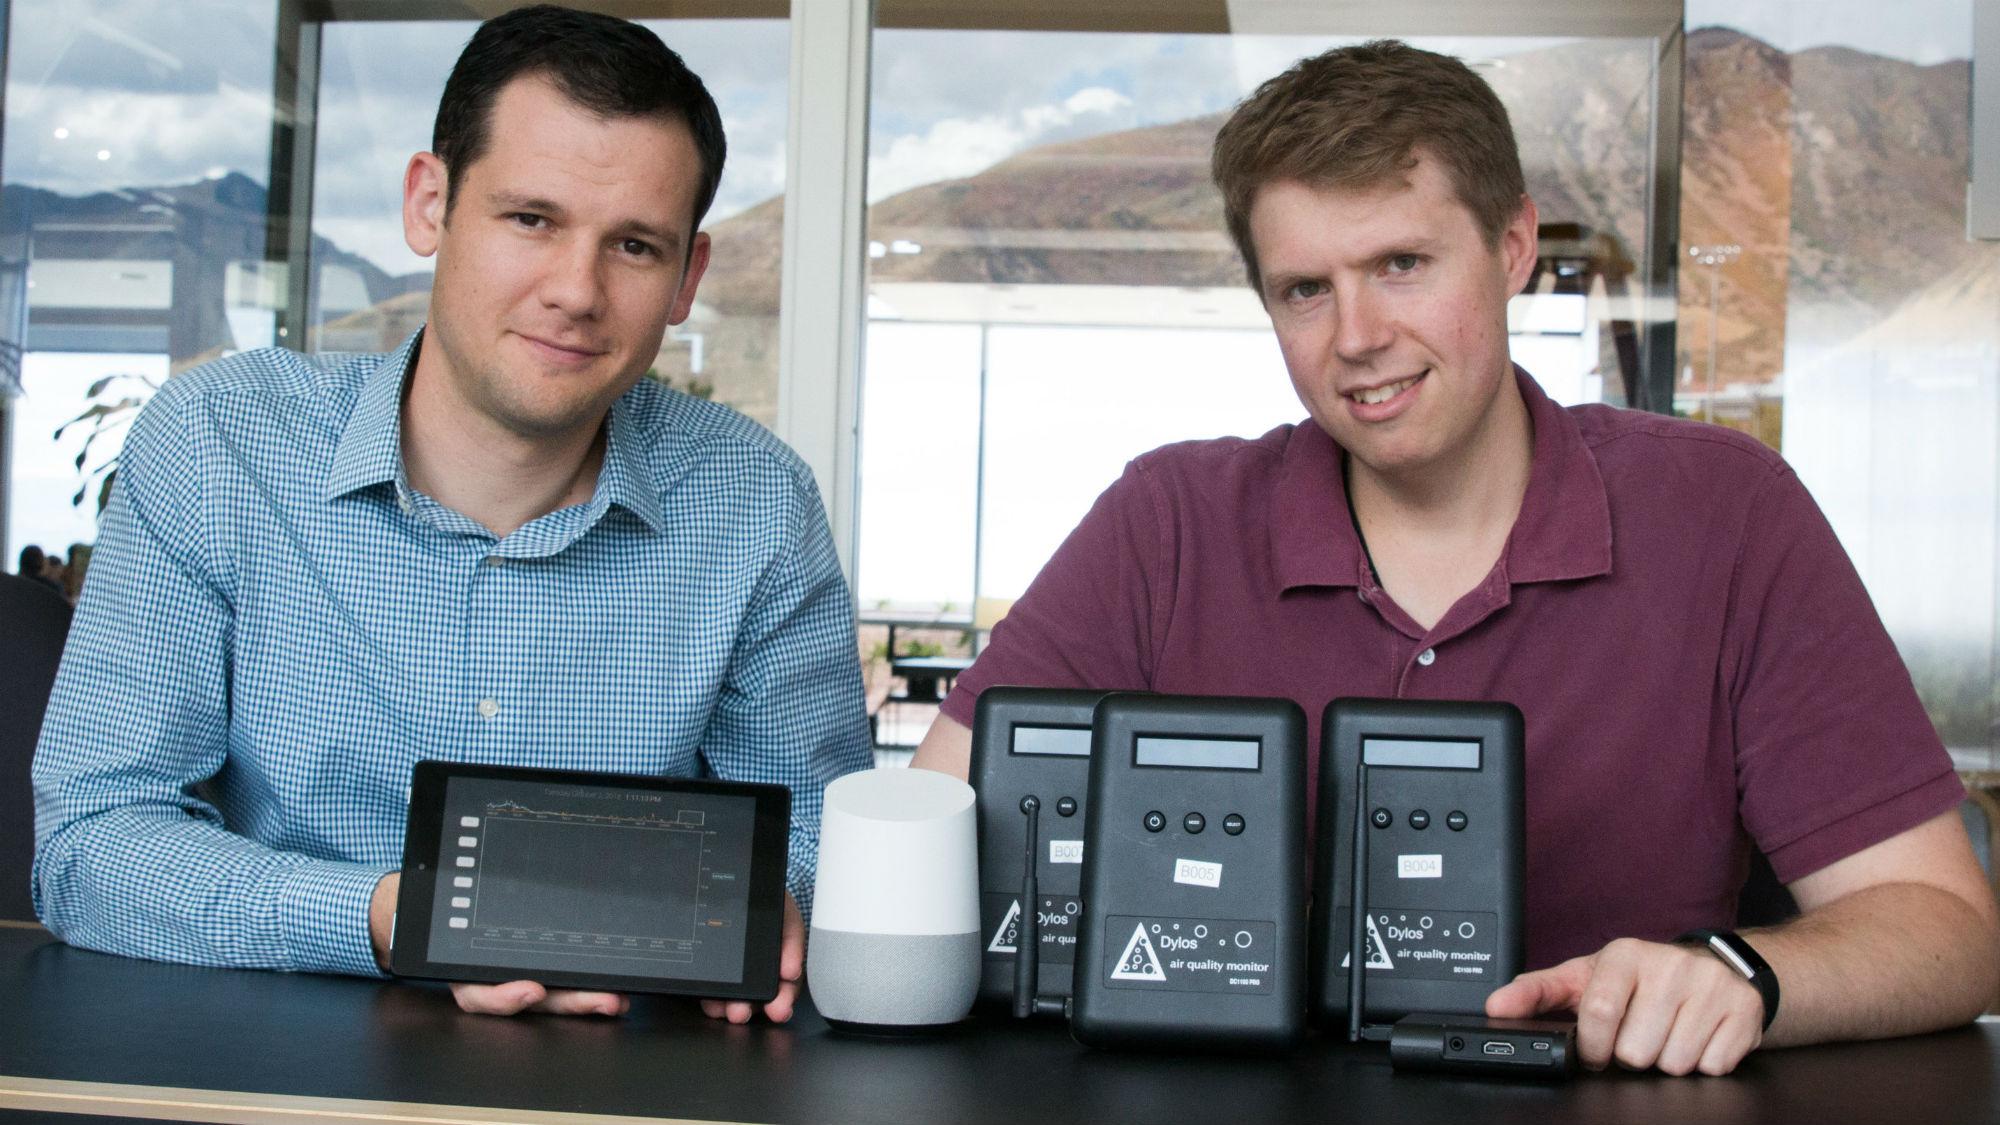 Специалисты выяснили, каким образом люди изменяют образ жизни, оперативно узнавая о колебаниях качества воздуха в своих домах.